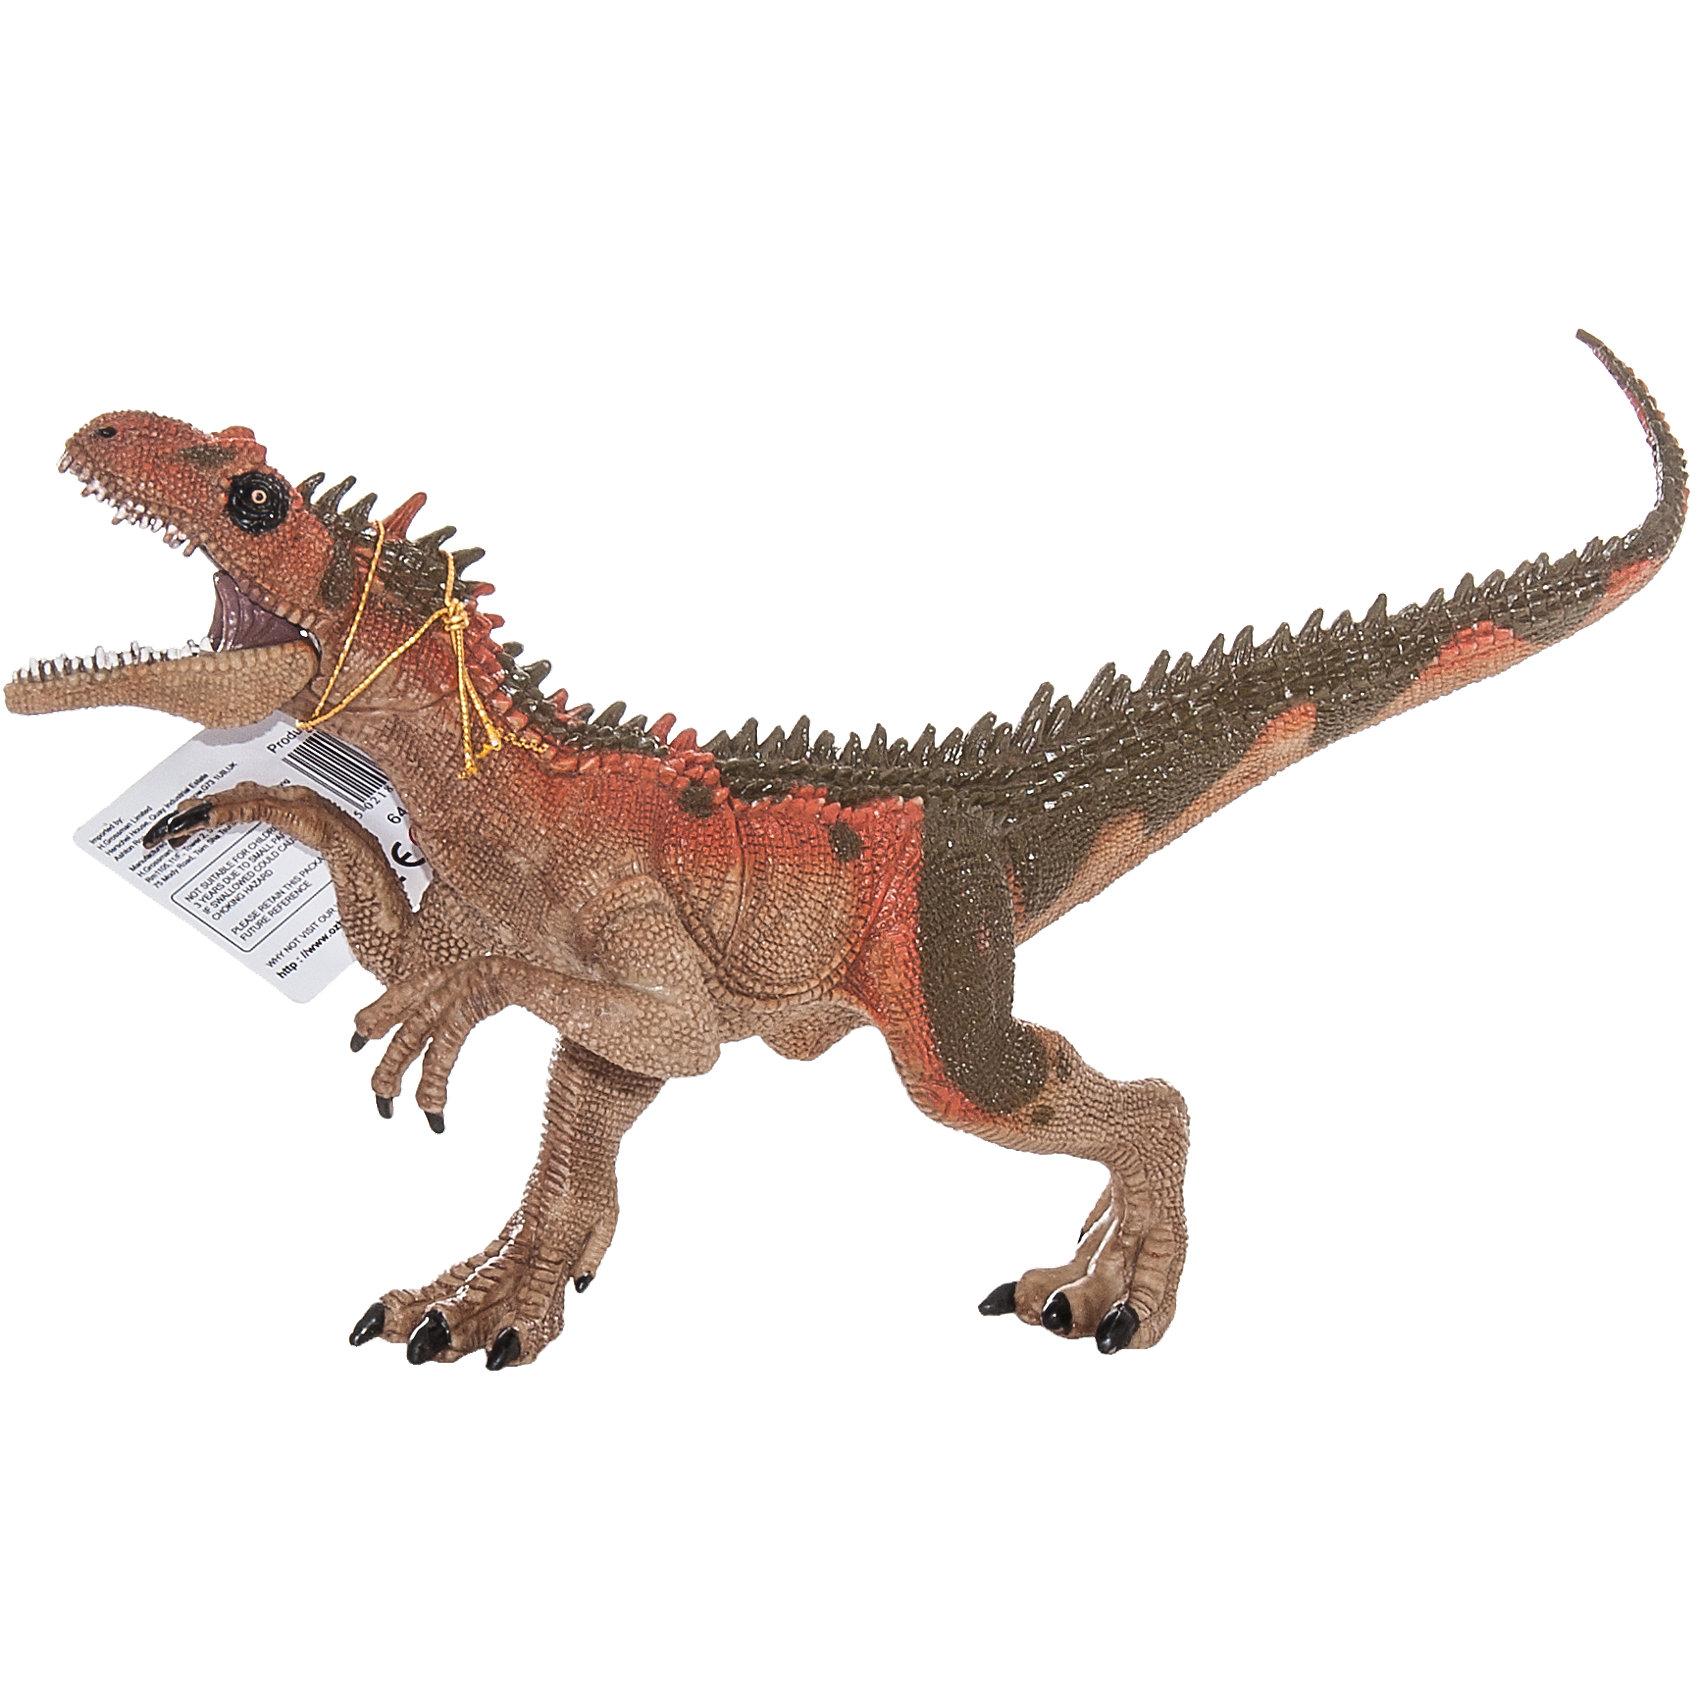 Фигурка динозавра  с двигающейся пастью, HGL, в ассортиментеДетей всех возрастов привлекают фильмы и рассказы о доисторических временах и чудесных динозаврах, населявших Землю до возникновения человека. Подстегните фантазию юного любителя древностей - подарите ему динозавра из серии игрушек HGL. Специалисты компании создавали игрушки максимально похожими на своих прародителей, поэтому динозавры HGL такие интересные. Игрушка от HGL - фигурка огромного доисторического ящера. Он передвигался на мощных задних лапах. Ребенок легко сможет воспроизвести сцену охоты благодаря двигающейся пасти динозавра. Пасть открывается, обнажая ряд огромных зубов. Ни одна история об эре динозавров невозможна без этого необычного динозавра. Ребенок будет в восторге от такого замечательного подарка. Массивный динозавр сделан из мягкого ПВХ безопасного для детей. Внушительные размеры и отличная детализация динозавра помогут ребенку окунуться в далекий и такой манящий доисторический мир, полный приключений.<br><br>Дополнительная информация:<br><br>- Внешний вид фигурки основан на реальных данных палеонтологов;<br>- Материал: ПВХ;<br>- Размер фигурки: 28 см;<br>- Размер упаковки: 29 х 11 х 5 см;<br>- Вес: 117 г<br><br>ВНИМАНИЕ! Данный товар представлен в ассортименте (динозавры отличаются по цвету). К сожалению, предварительный выбор невозможен. При заказе нескольких единиц данного товара возможно получение одинаковых.<br><br>Фигурку динозавра  с двигающейся пастью, HGL, в ассортименте можно купить в нашем интернет-магазине.<br><br>Ширина мм: 290<br>Глубина мм: 110<br>Высота мм: 50<br>Вес г: 117<br>Возраст от месяцев: 36<br>Возраст до месяцев: 192<br>Пол: Унисекс<br>Возраст: Детский<br>SKU: 4135954